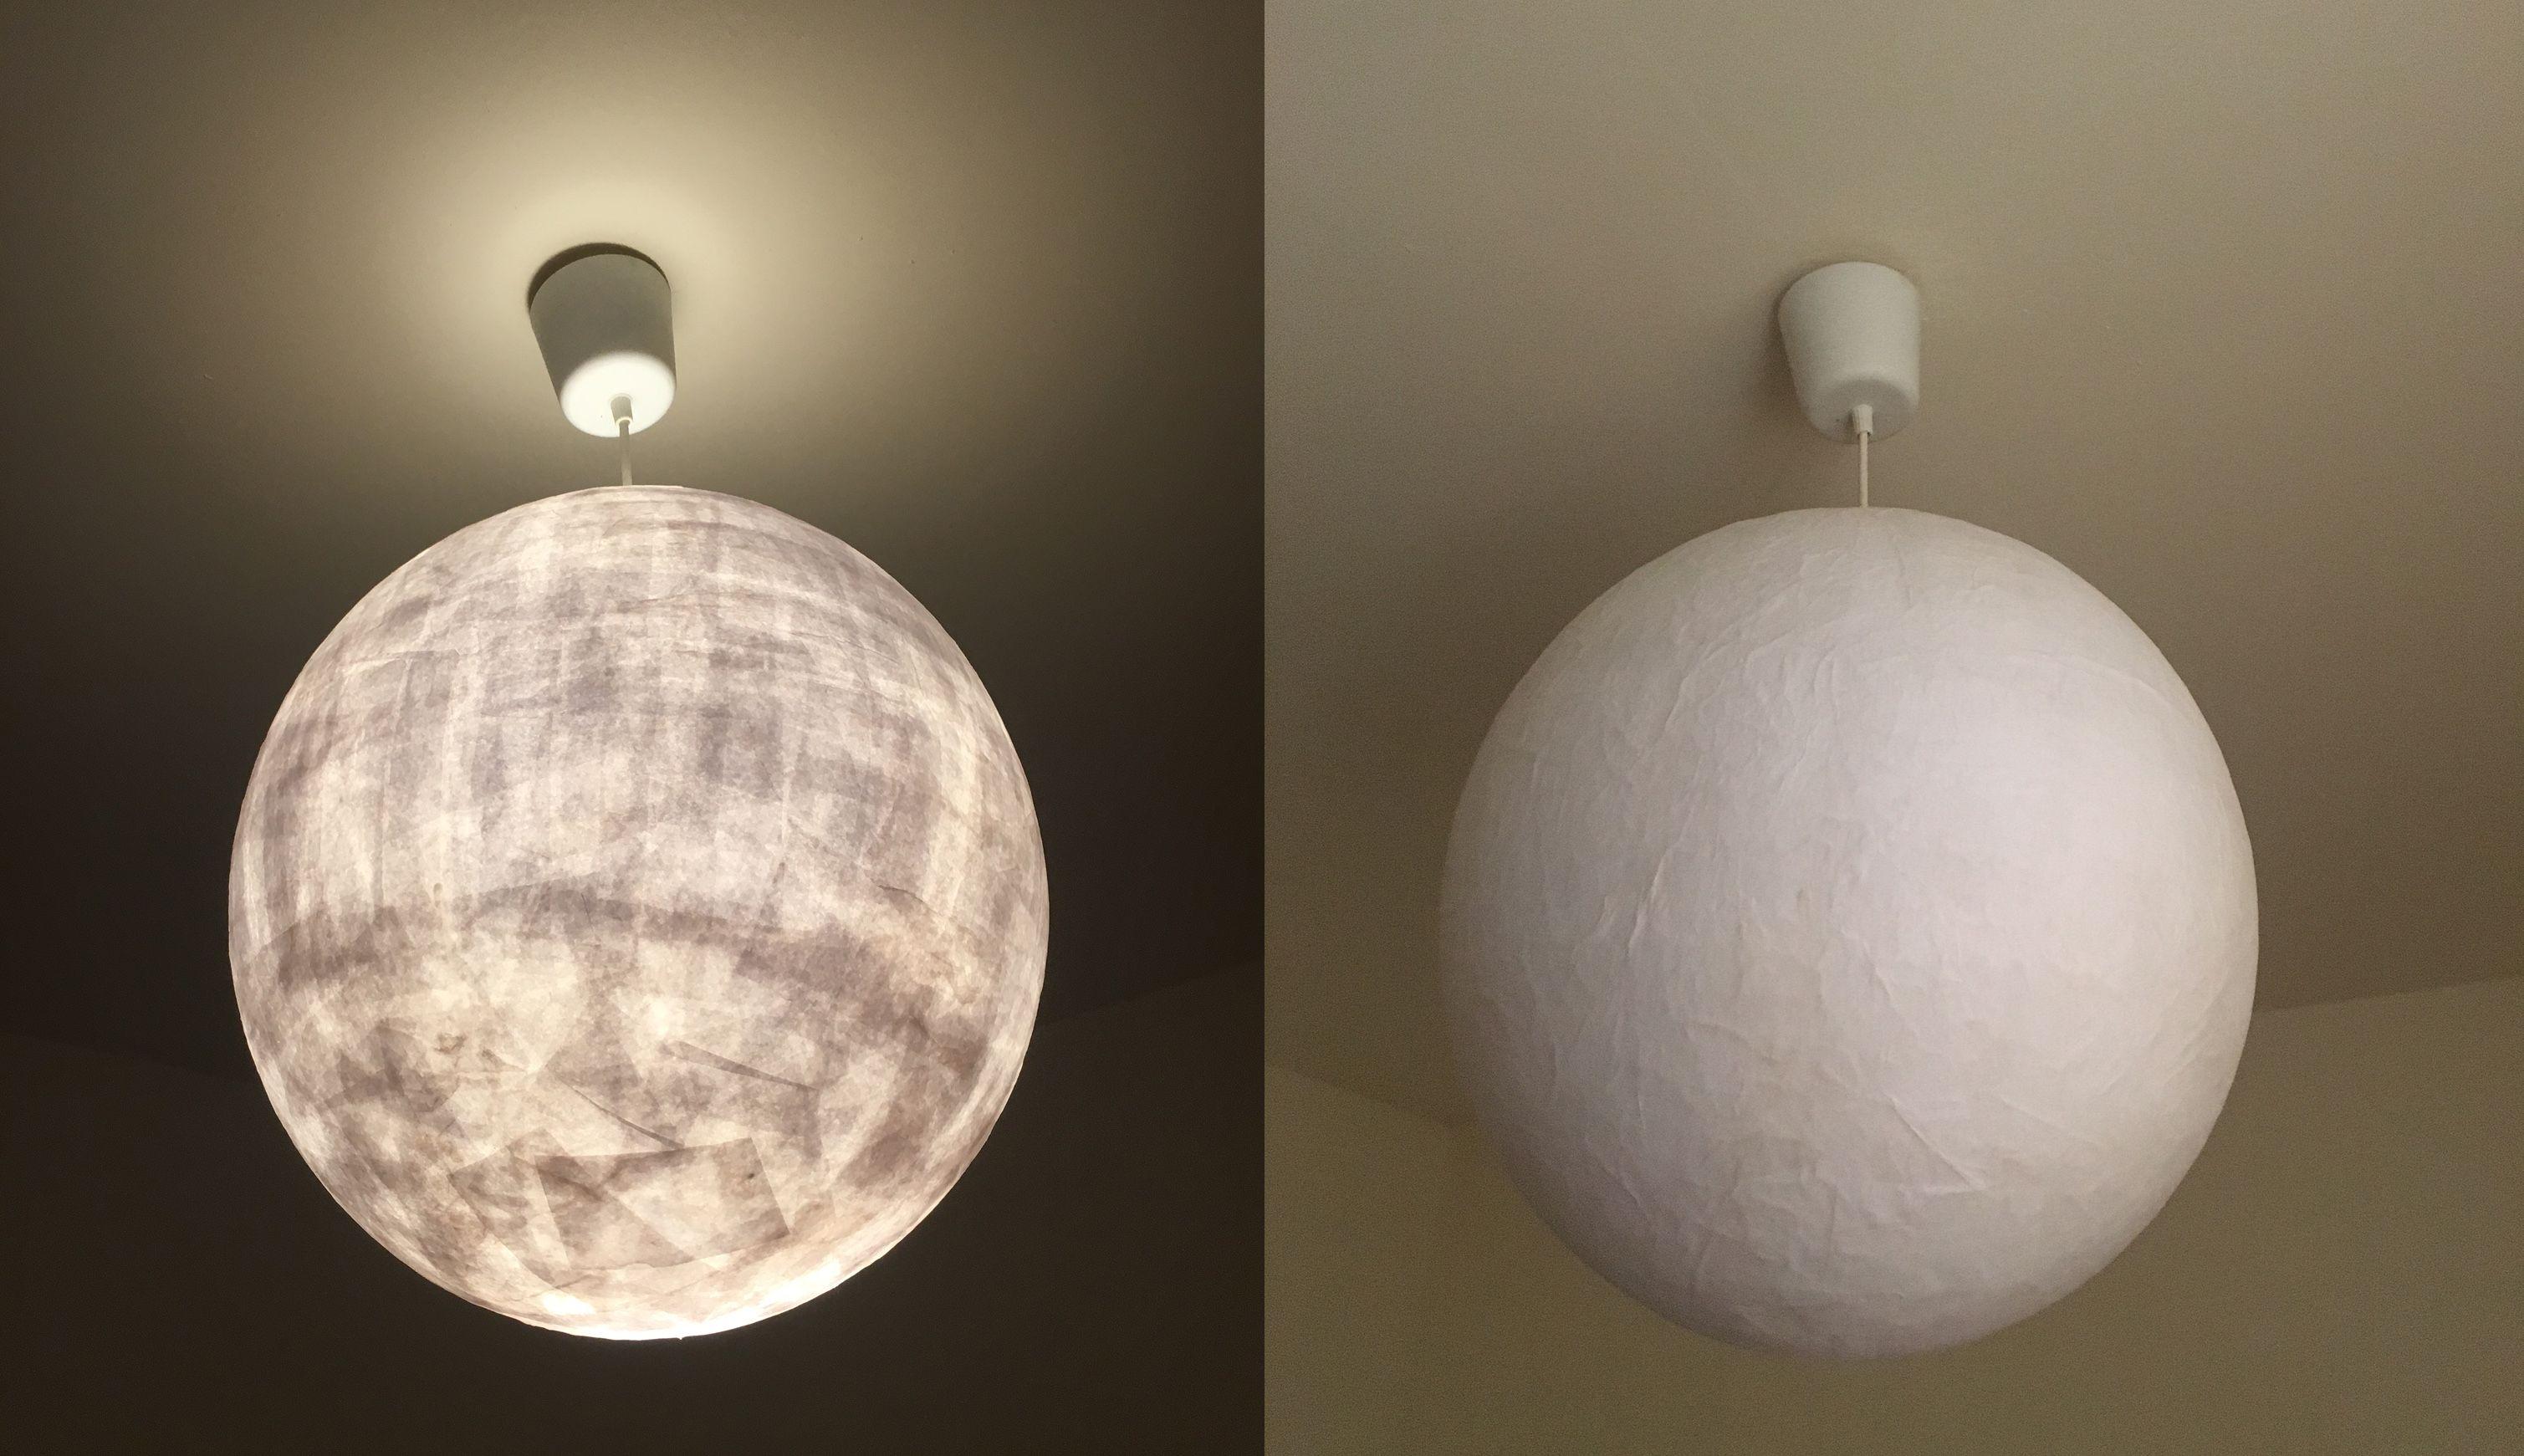 Lamparas de techo de papel lmparas techo hay productos with lamparas de techo de papel good - Lamparas asiaticas ...